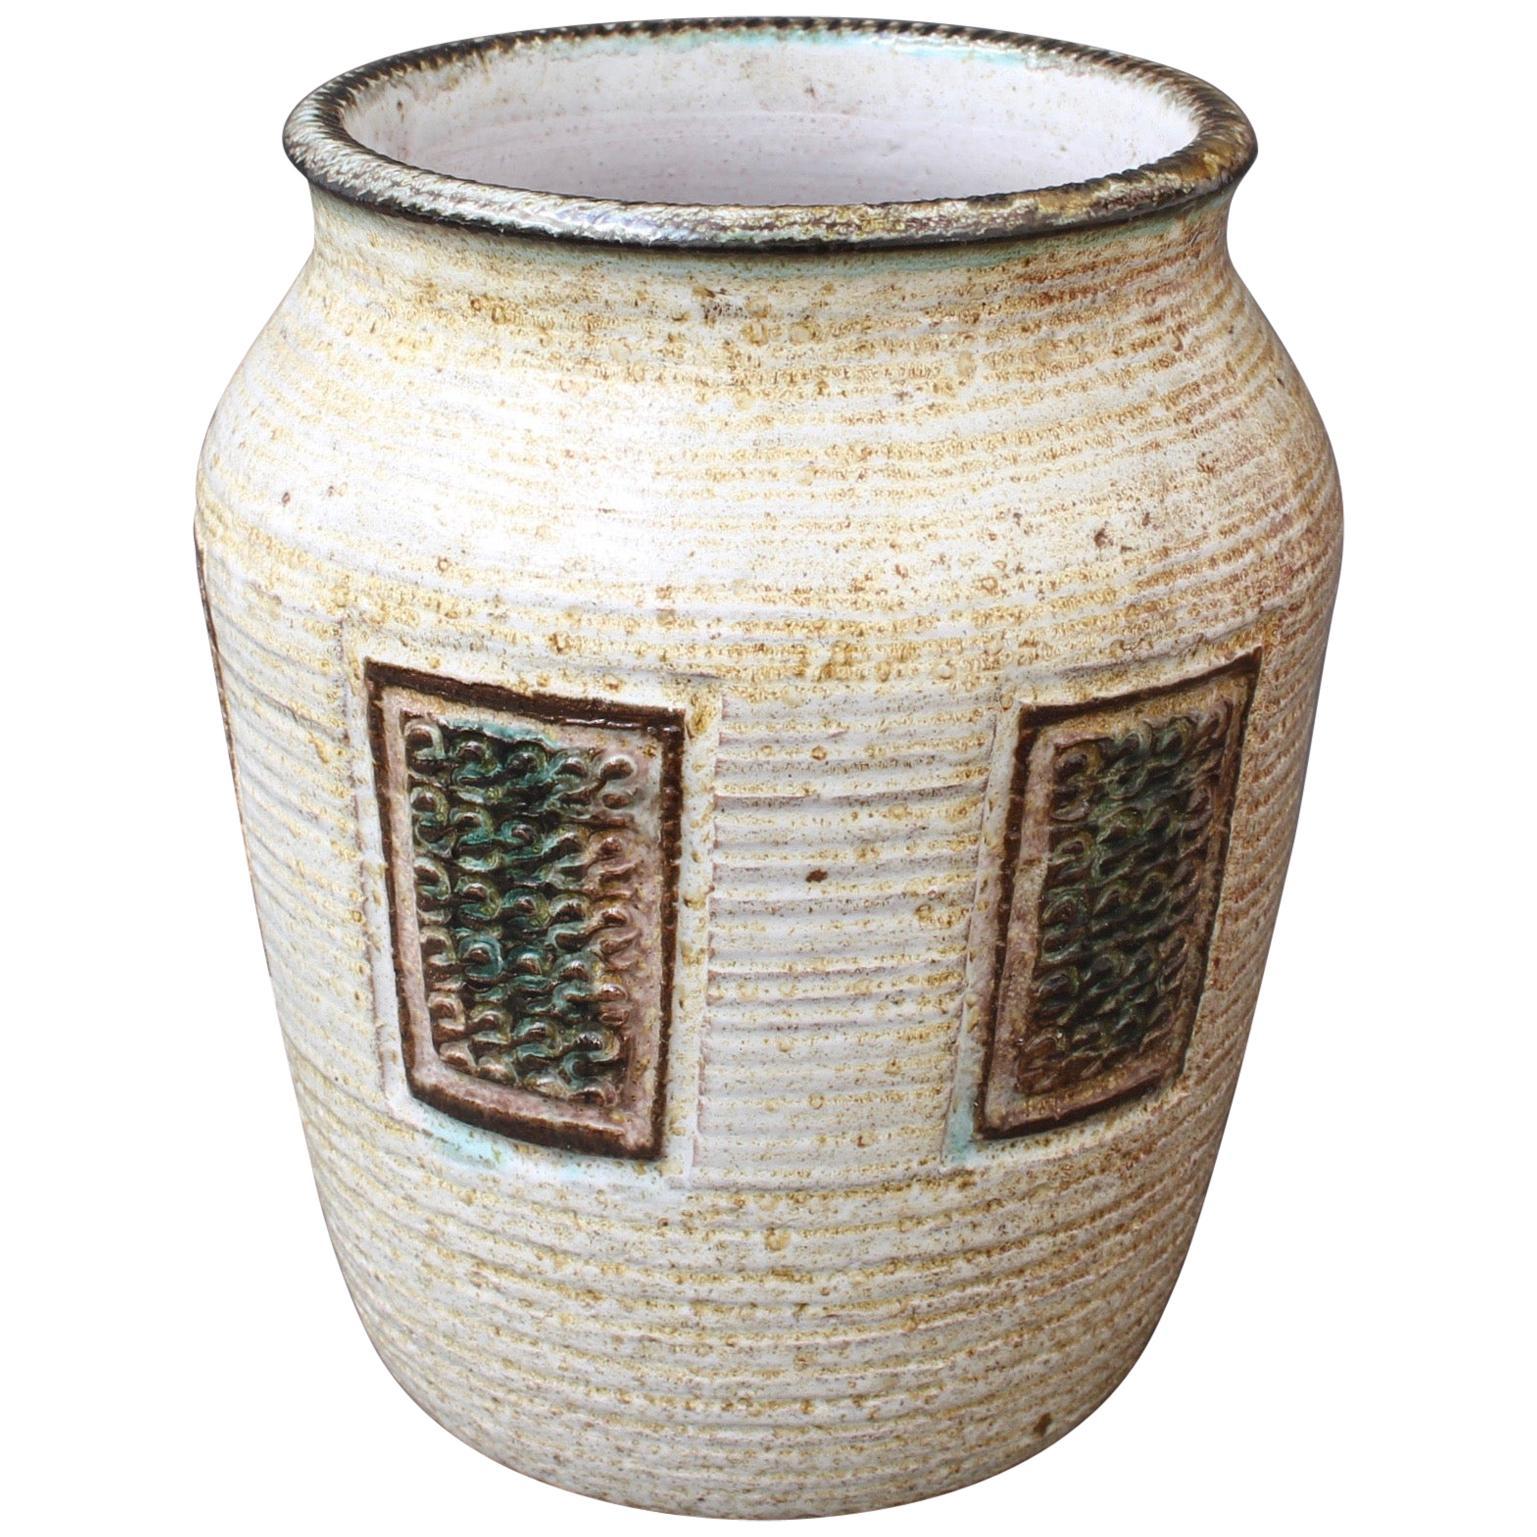 Midcentury French Ceramic Vase, Vallauris, circa 1960s